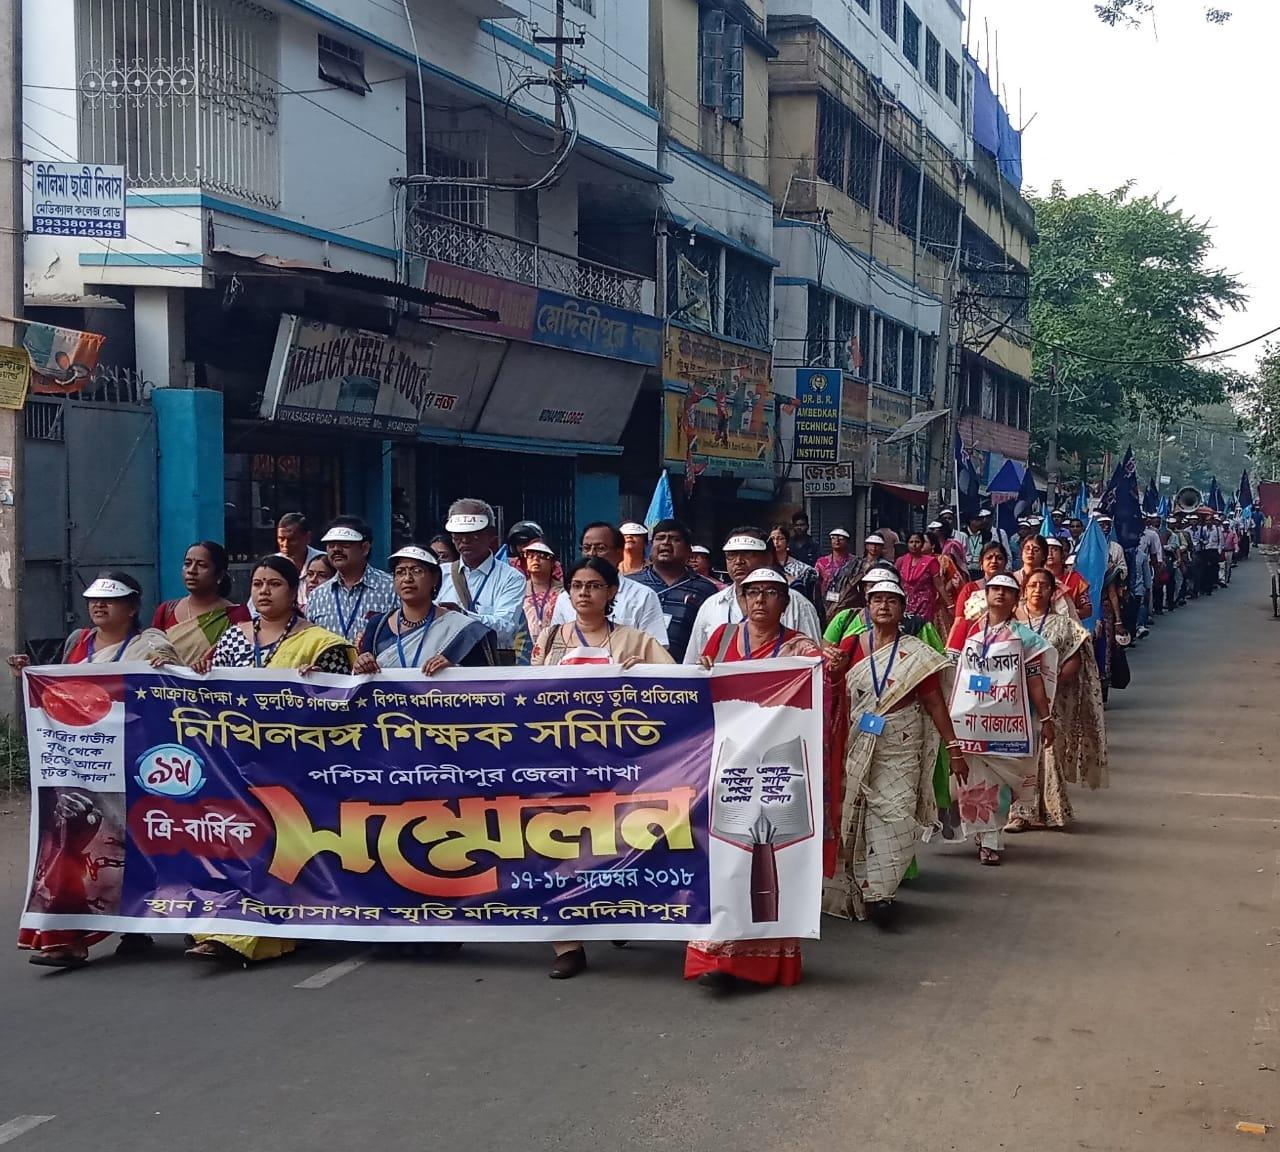 পশ্চিম মেদিনীপুর জেলা এবিটিএ-এর কর্মকর্তা নির্বাচন